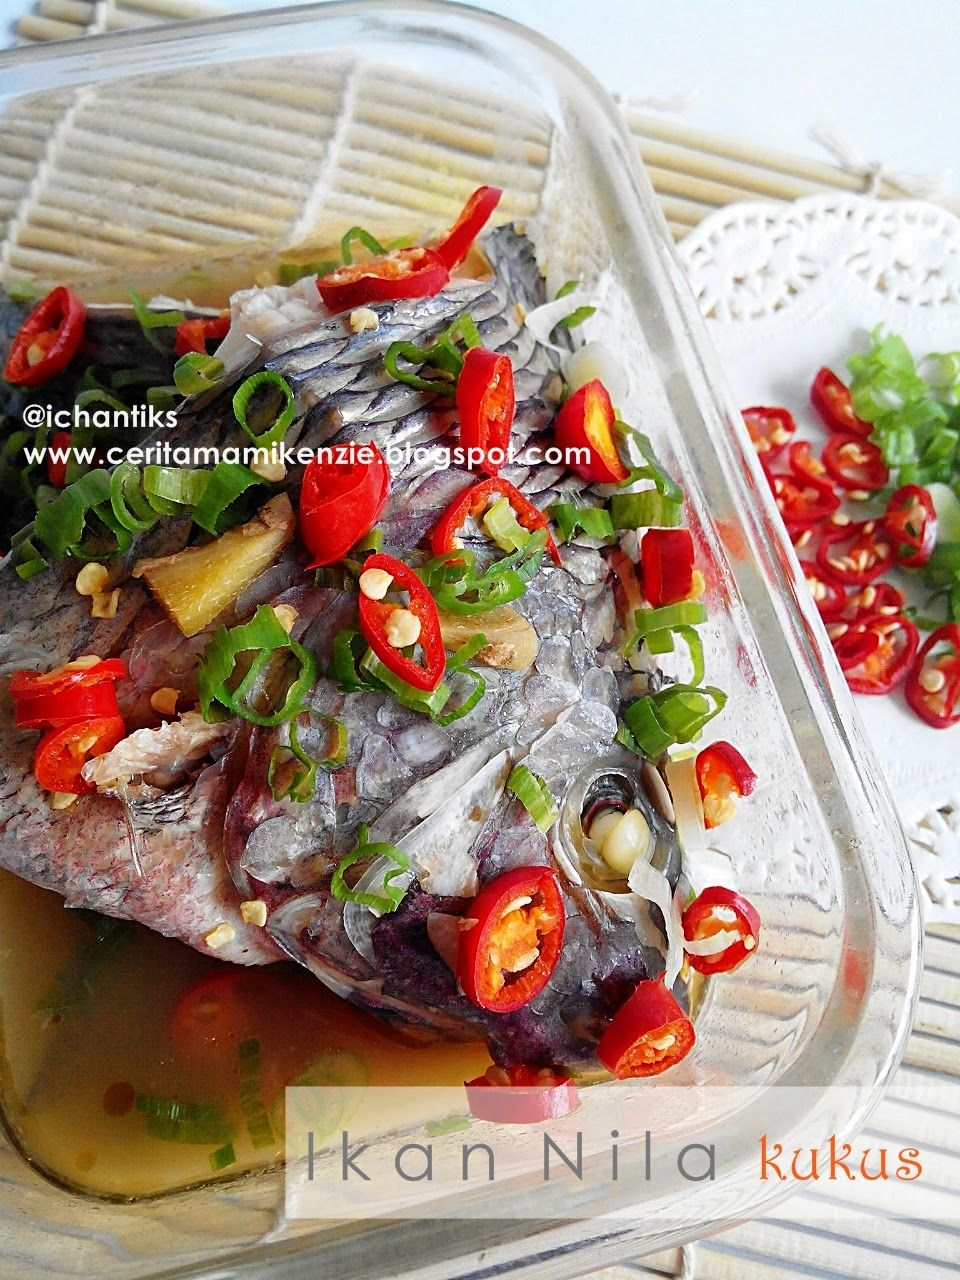 Resep Ikan Nila : resep, Resep, Kukus, Cerita, Kenzie, Ikan,, Resep,, Masakan